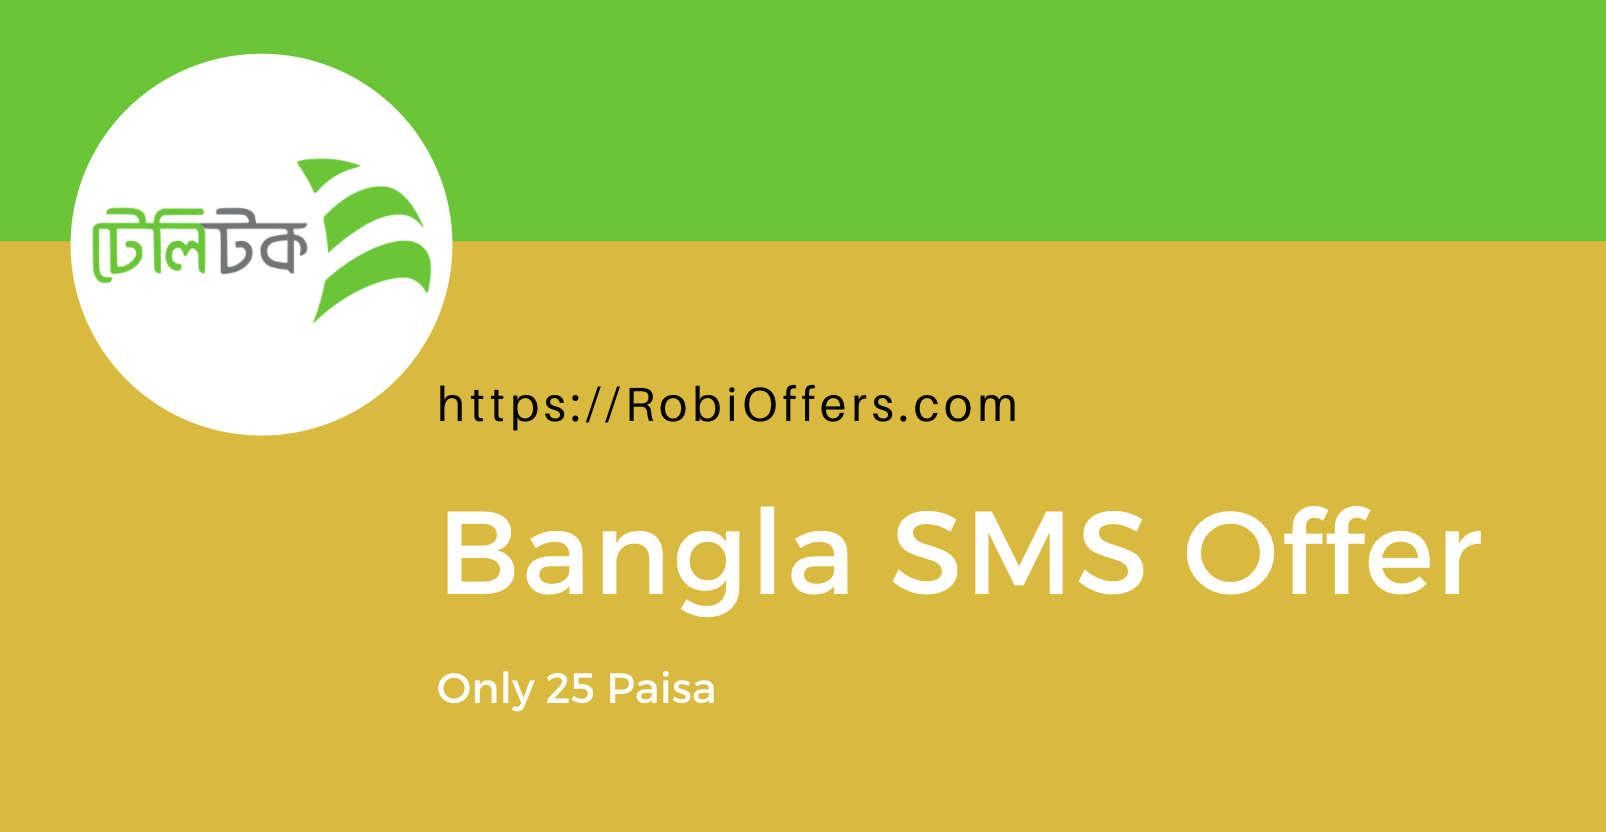 Teletalk Bangla SMS Offer 2021 Only 25 Paisa